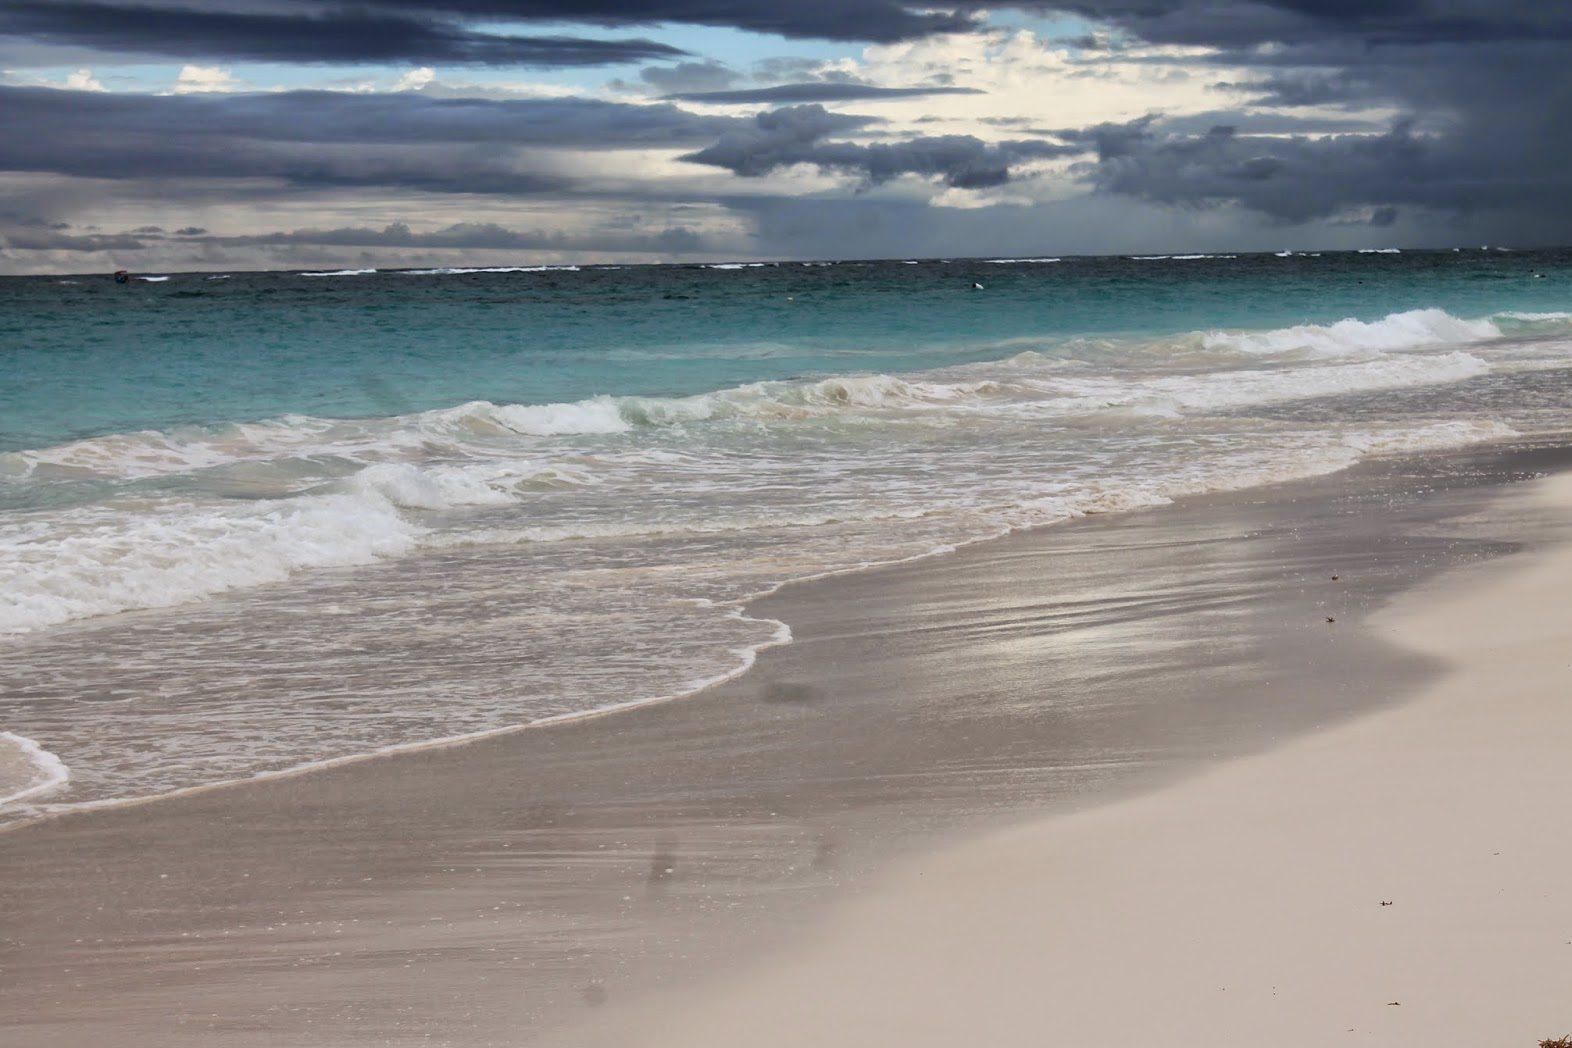 Attimi sulla spiaggia di Tulum: due riflessioni riguardo alla felicità…